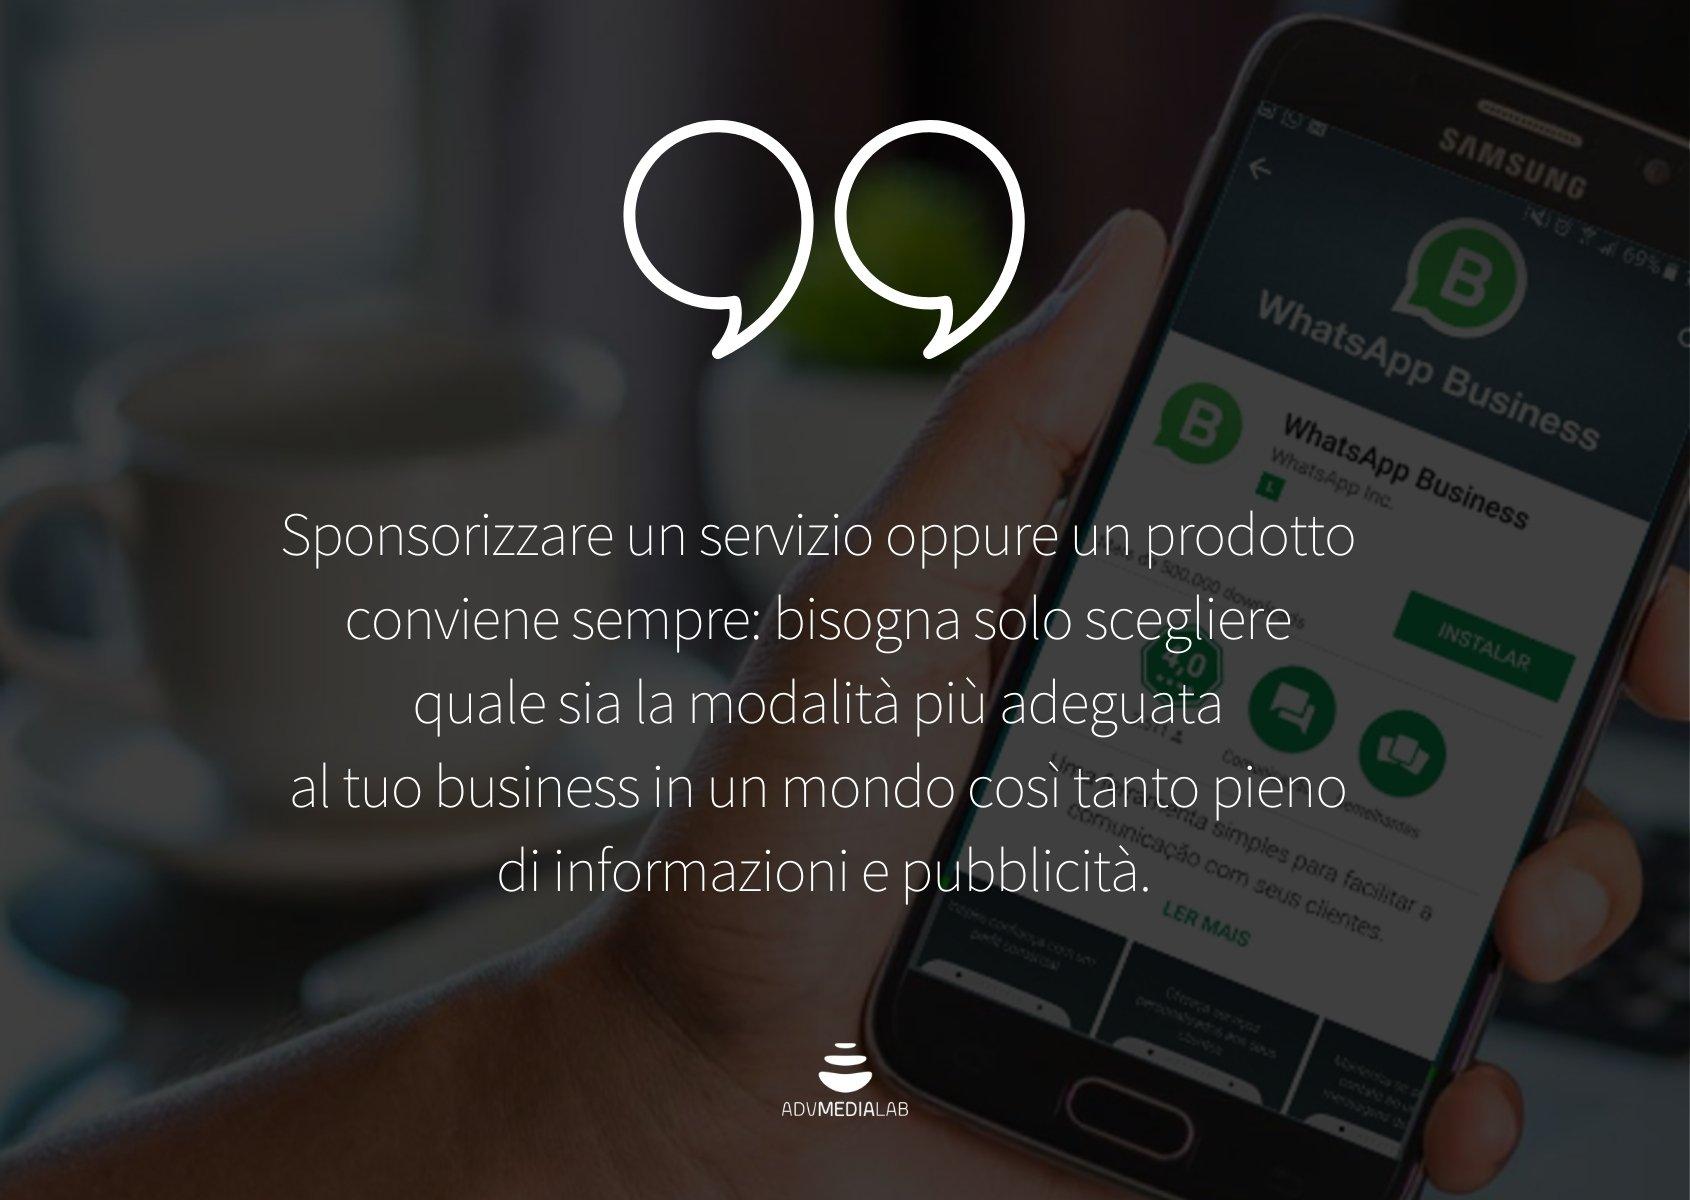 WhatsApp business: Sponsorizzare un servizio oppure un prodotto conviene sempre.